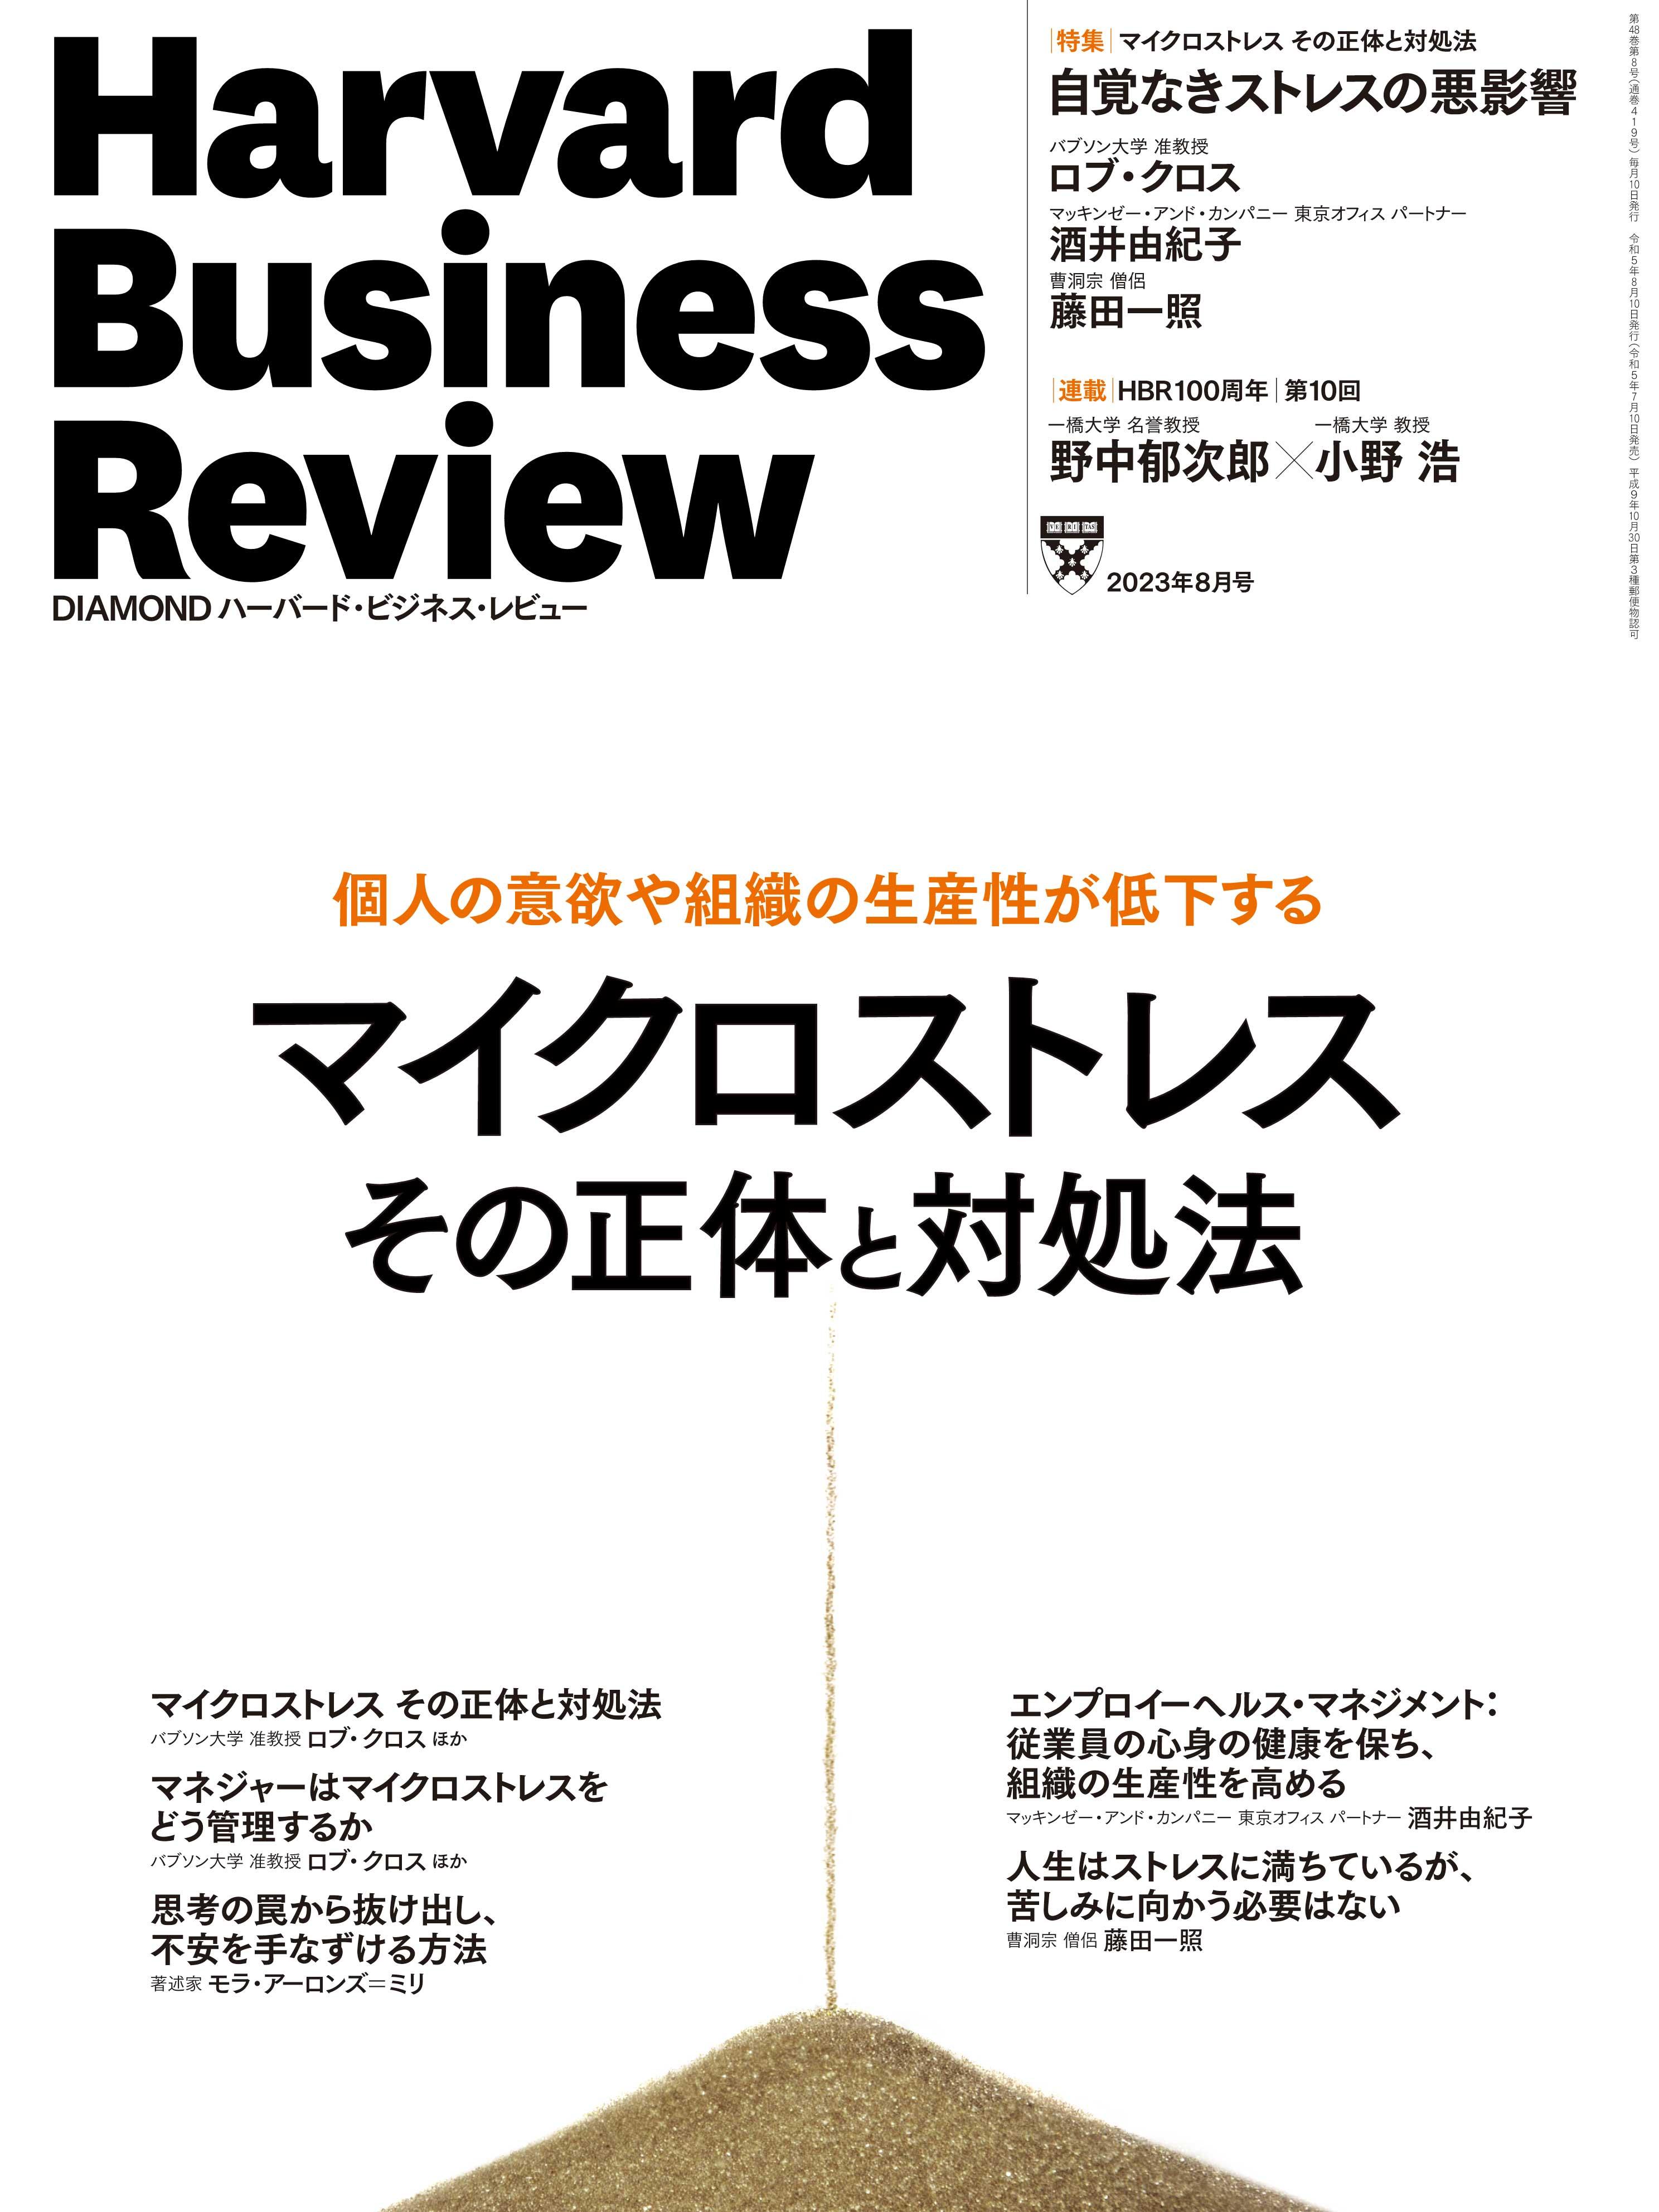 DIAMONDハーバード・ビジネス・レビュー最新号